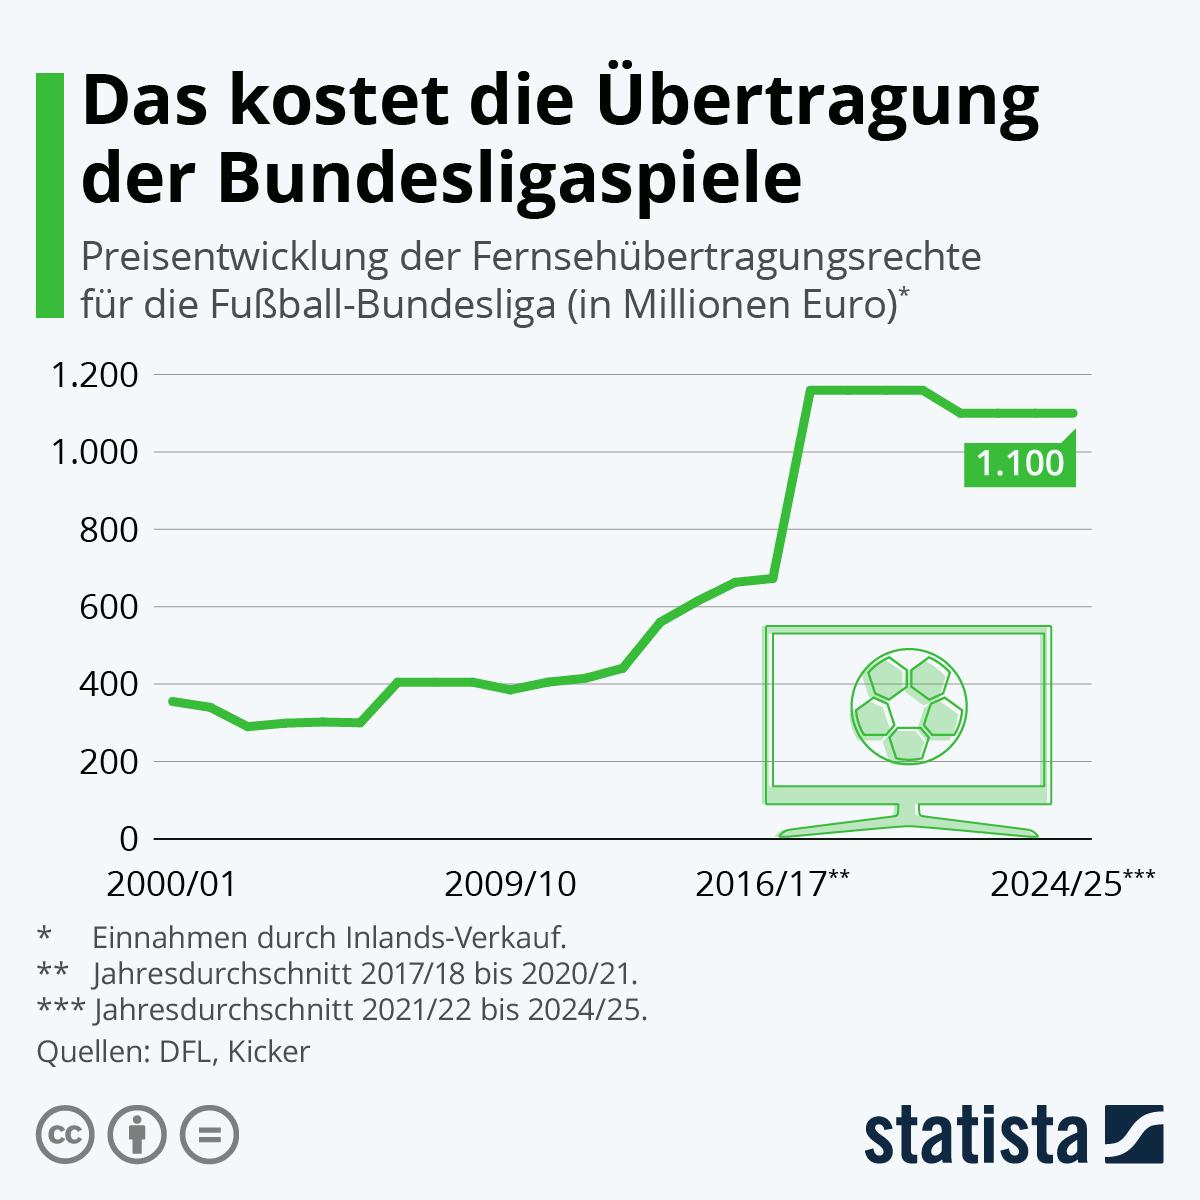 Infografik: Das kostet die Übertragung der Bundesligaspiele | Statista